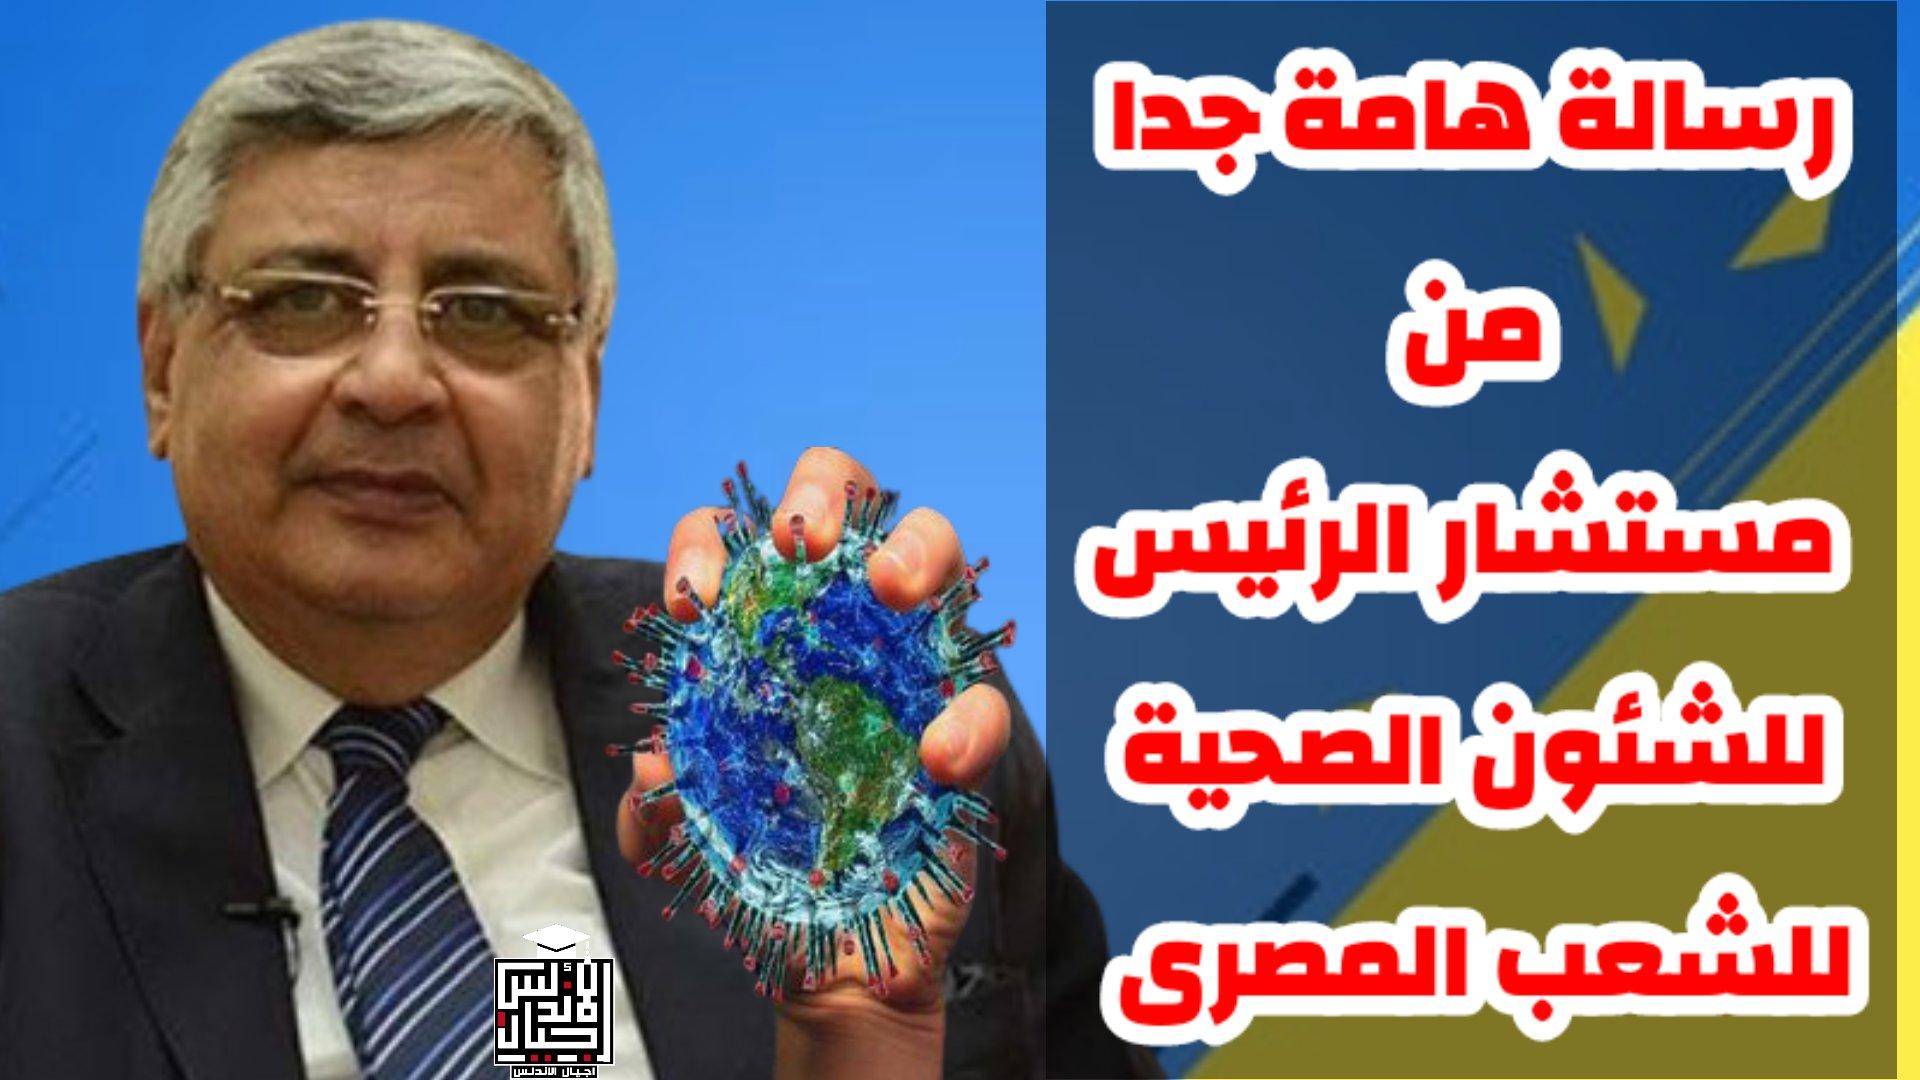 رساله هامه جدا من مستشار الرئيس  للشعب المصري - رسالة بسبب كورونا